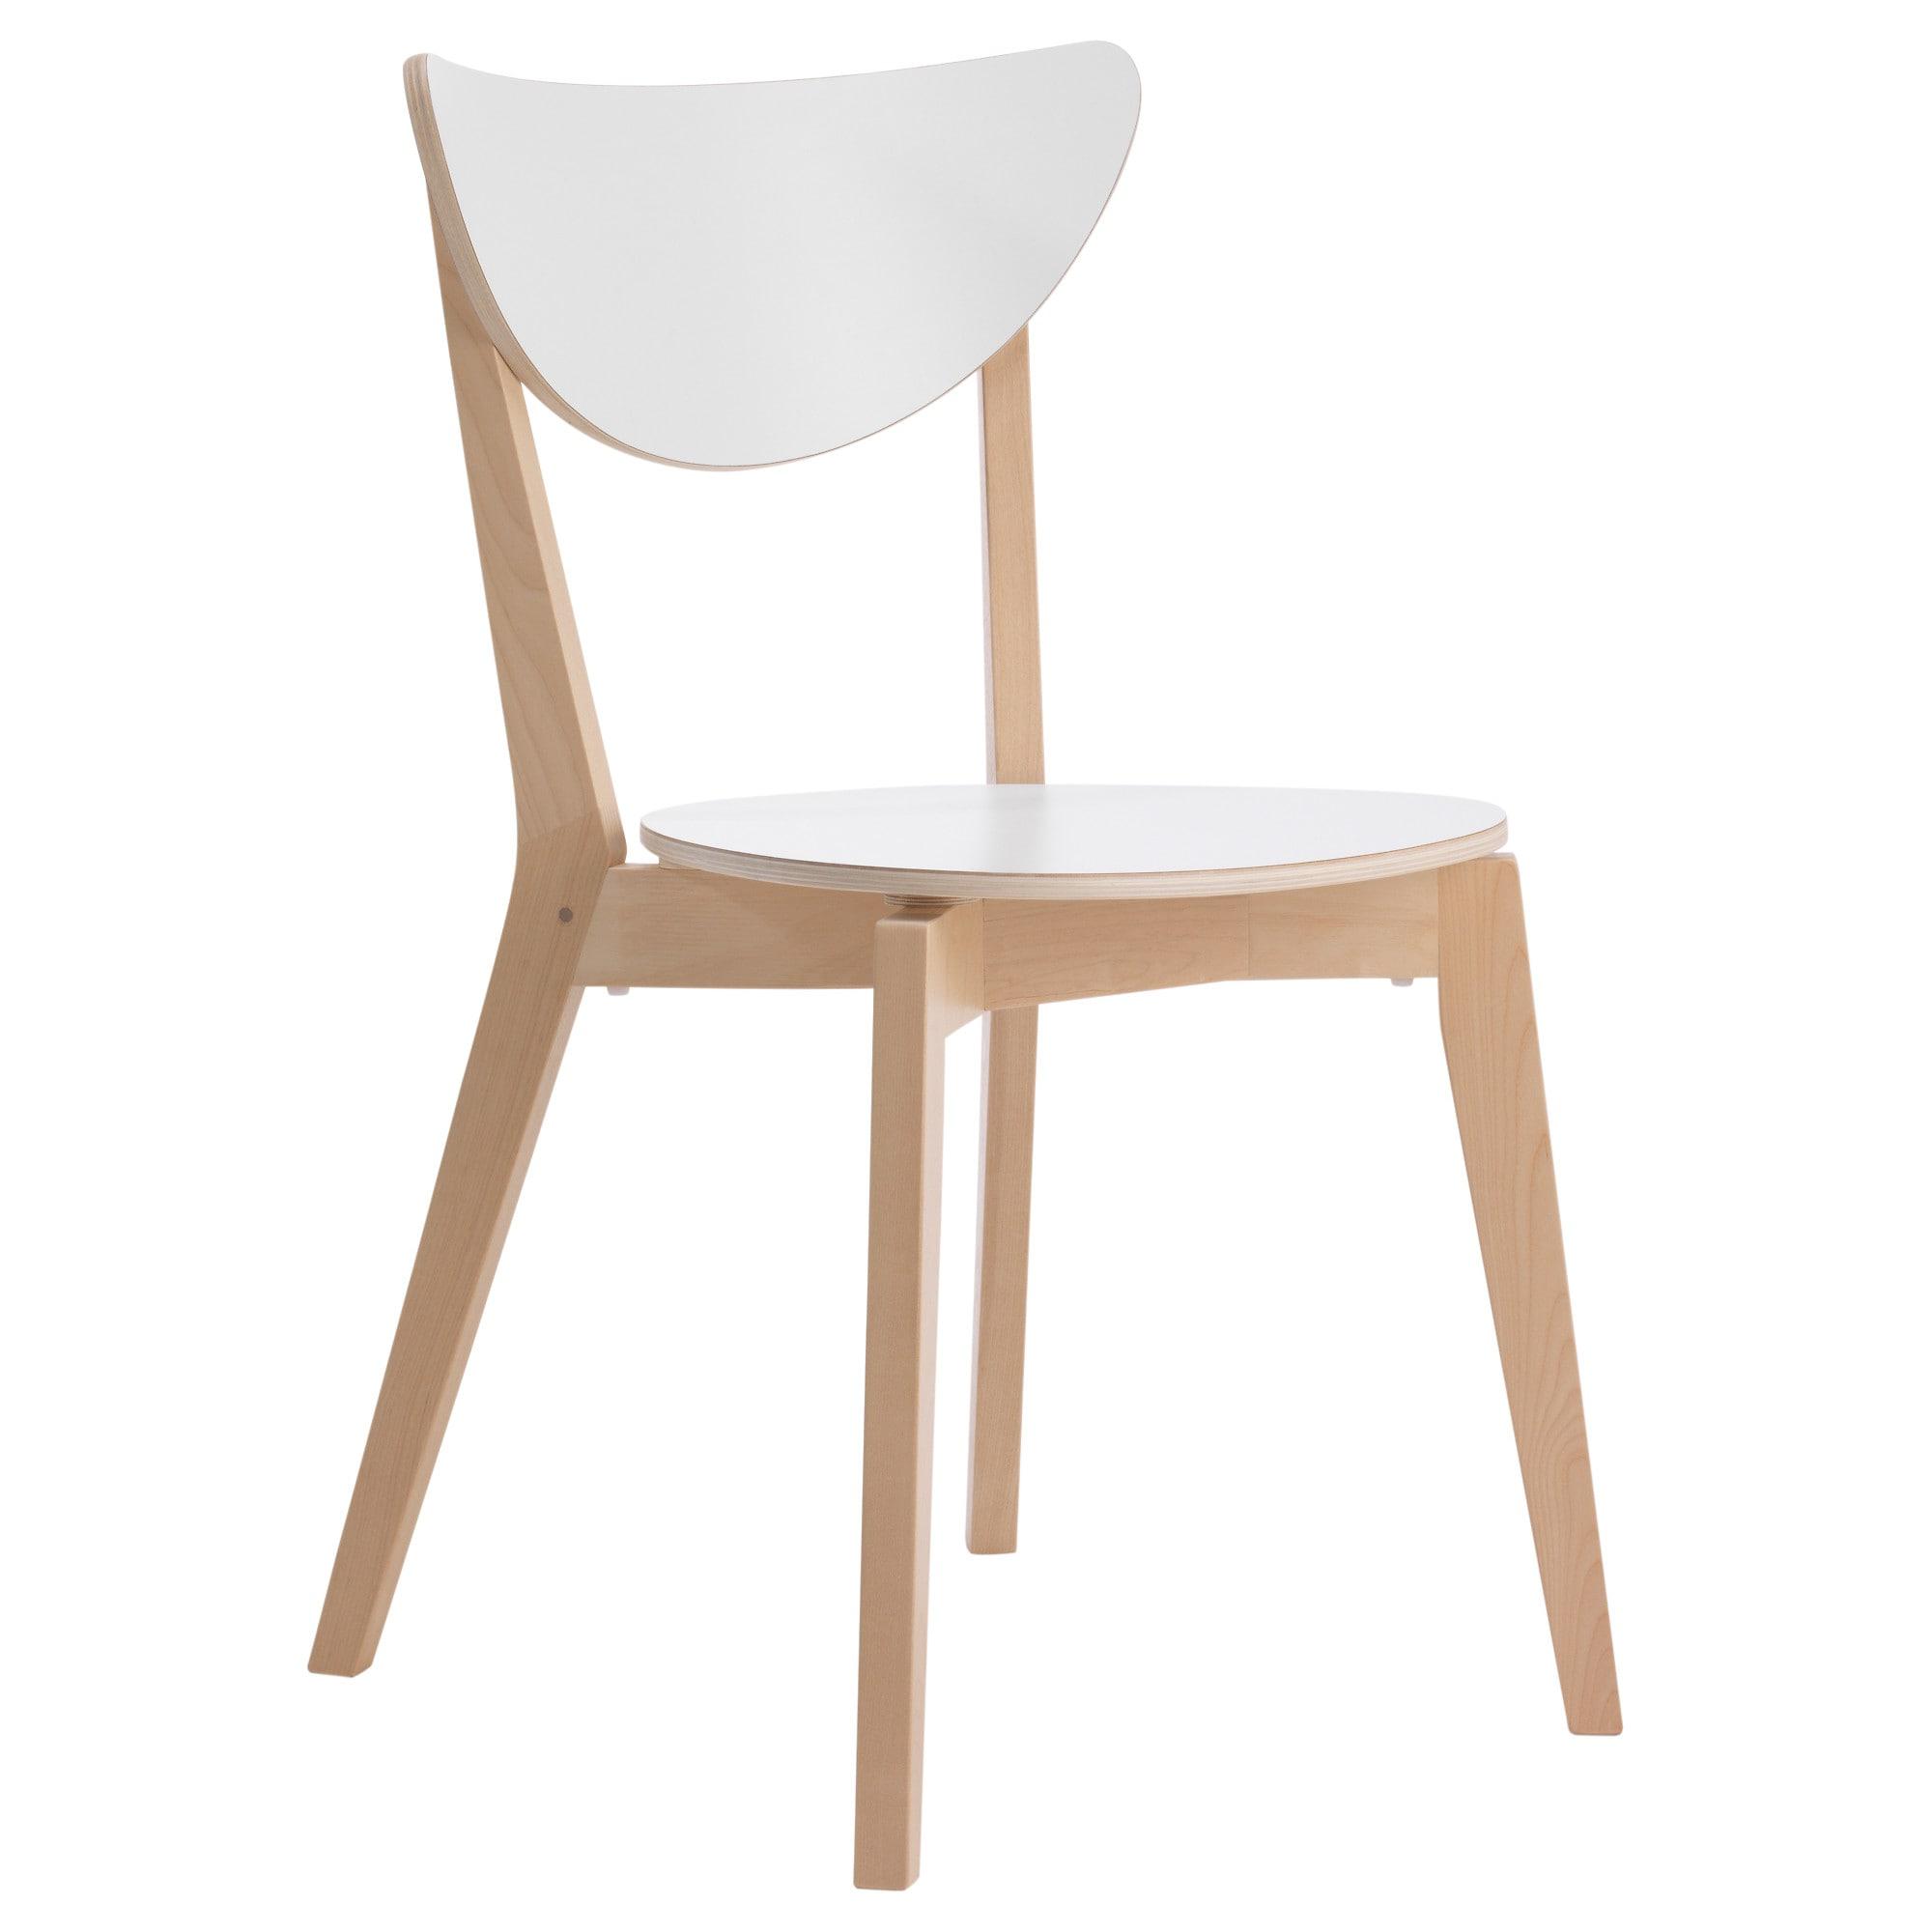 Sillas Blancas 12 Ikea De Cocina Modernas E6d5 Madera shQdtCxrB